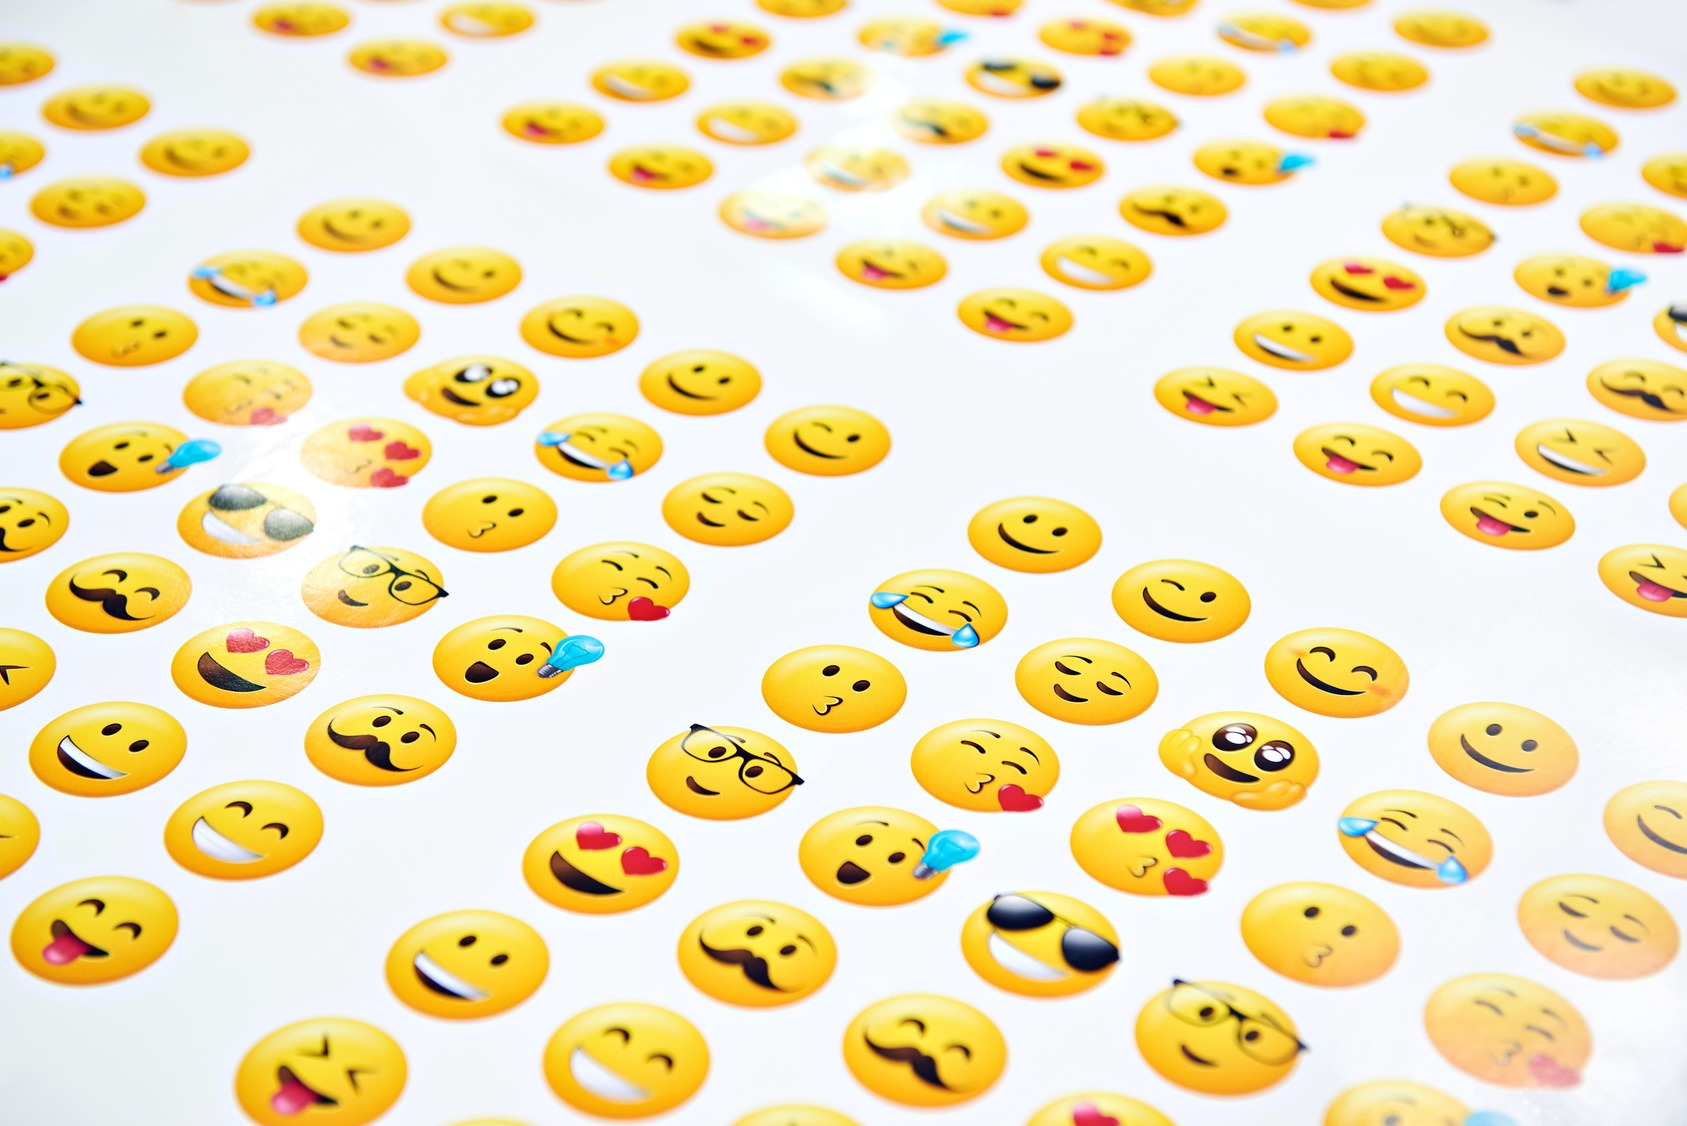 Große Ansammlung verschiedener Smiley Emojis, gedruckt auf weißes Papier.